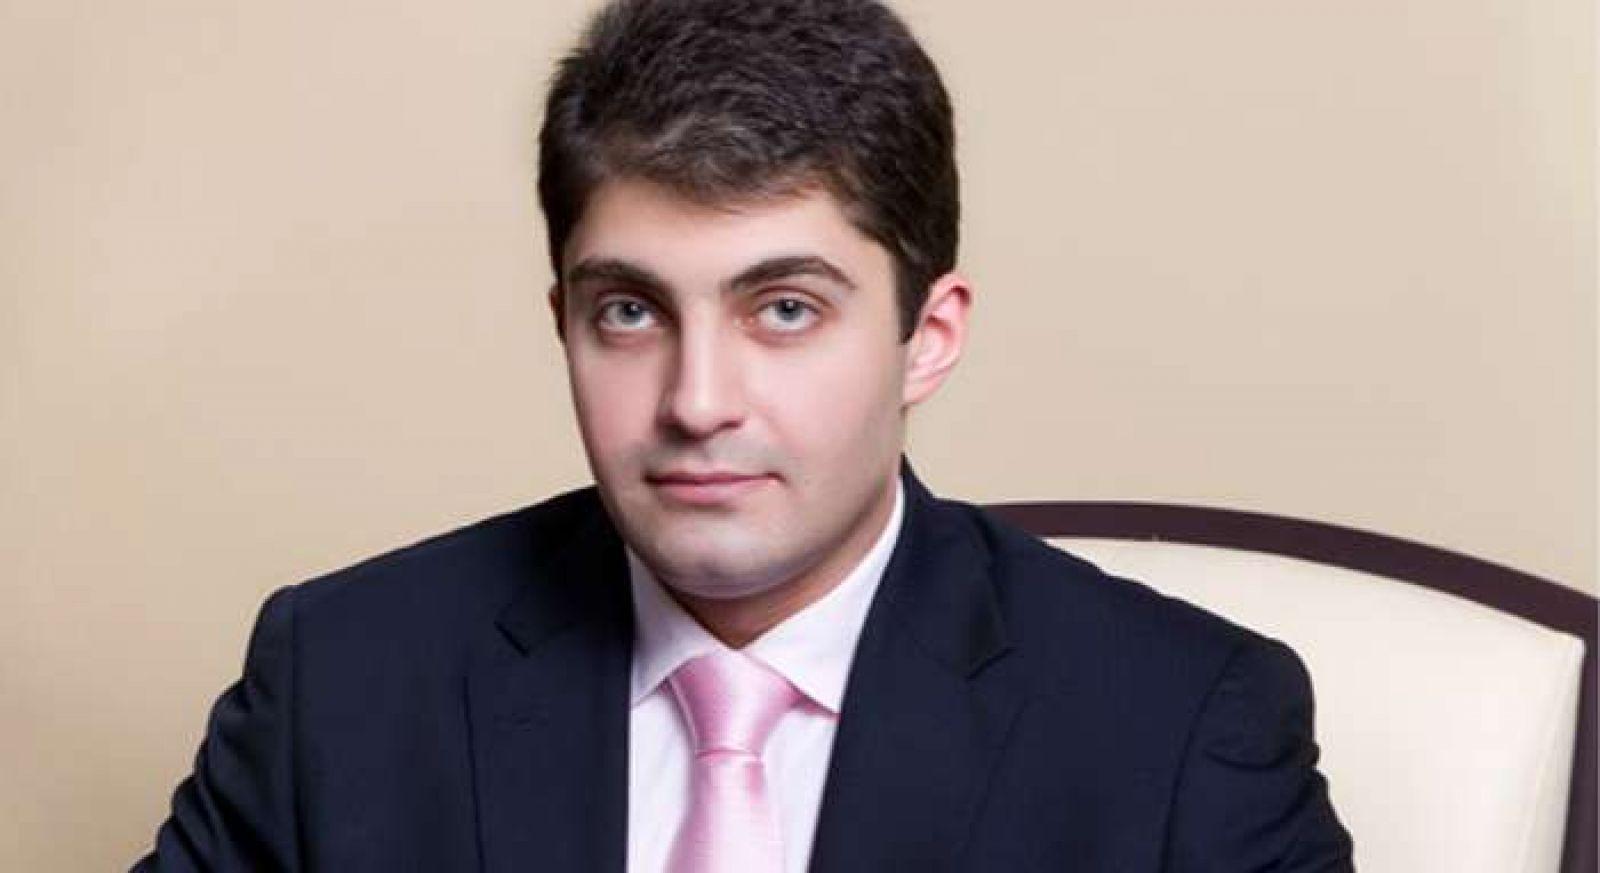 Давід Сакварелідзе